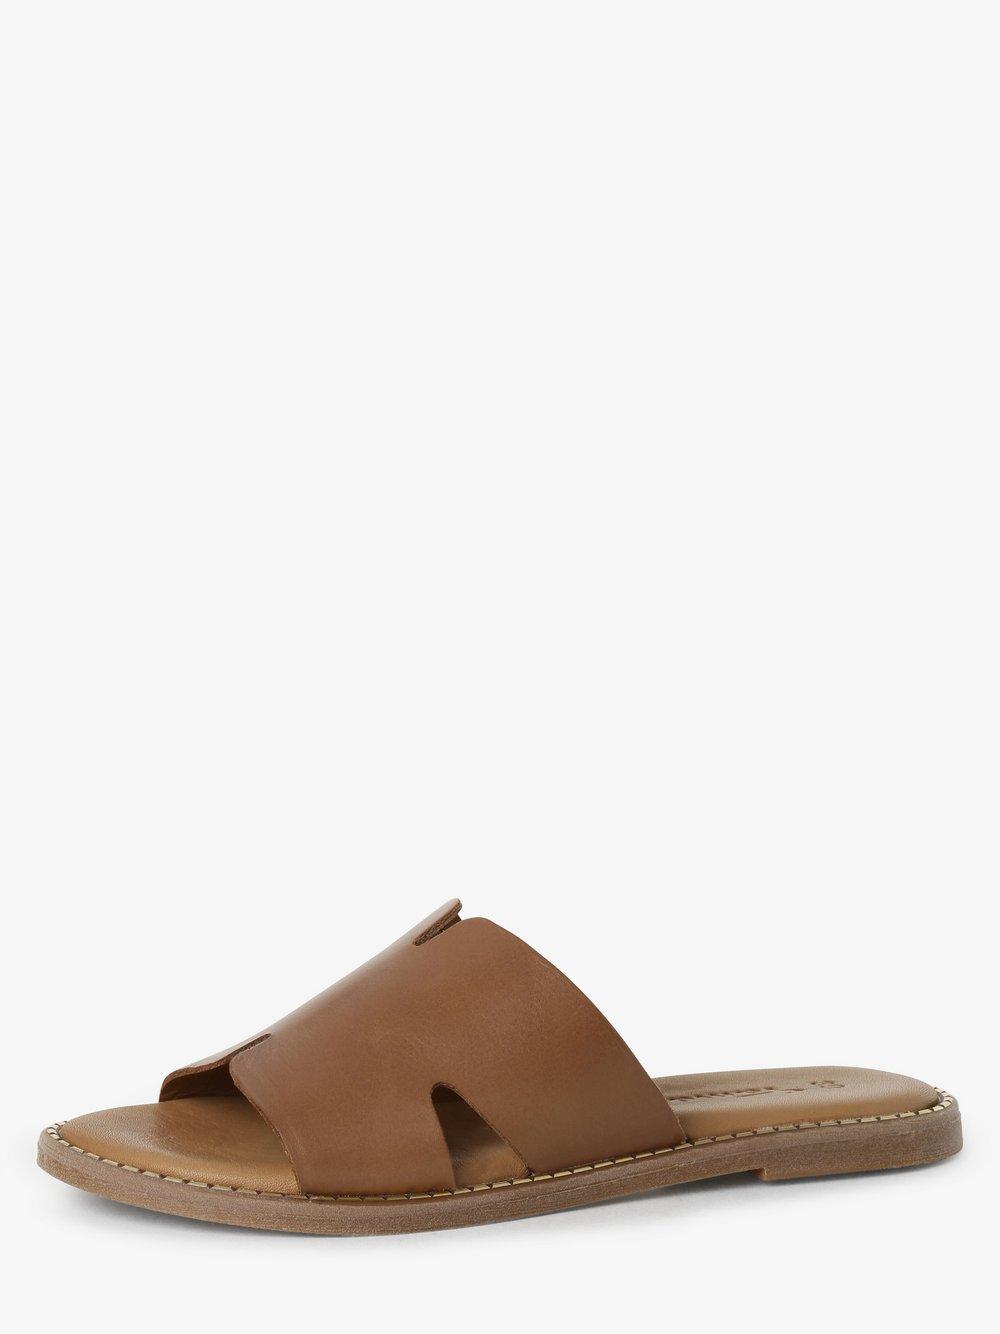 Tamaris - Sandały damskie ze skóry, beżowy